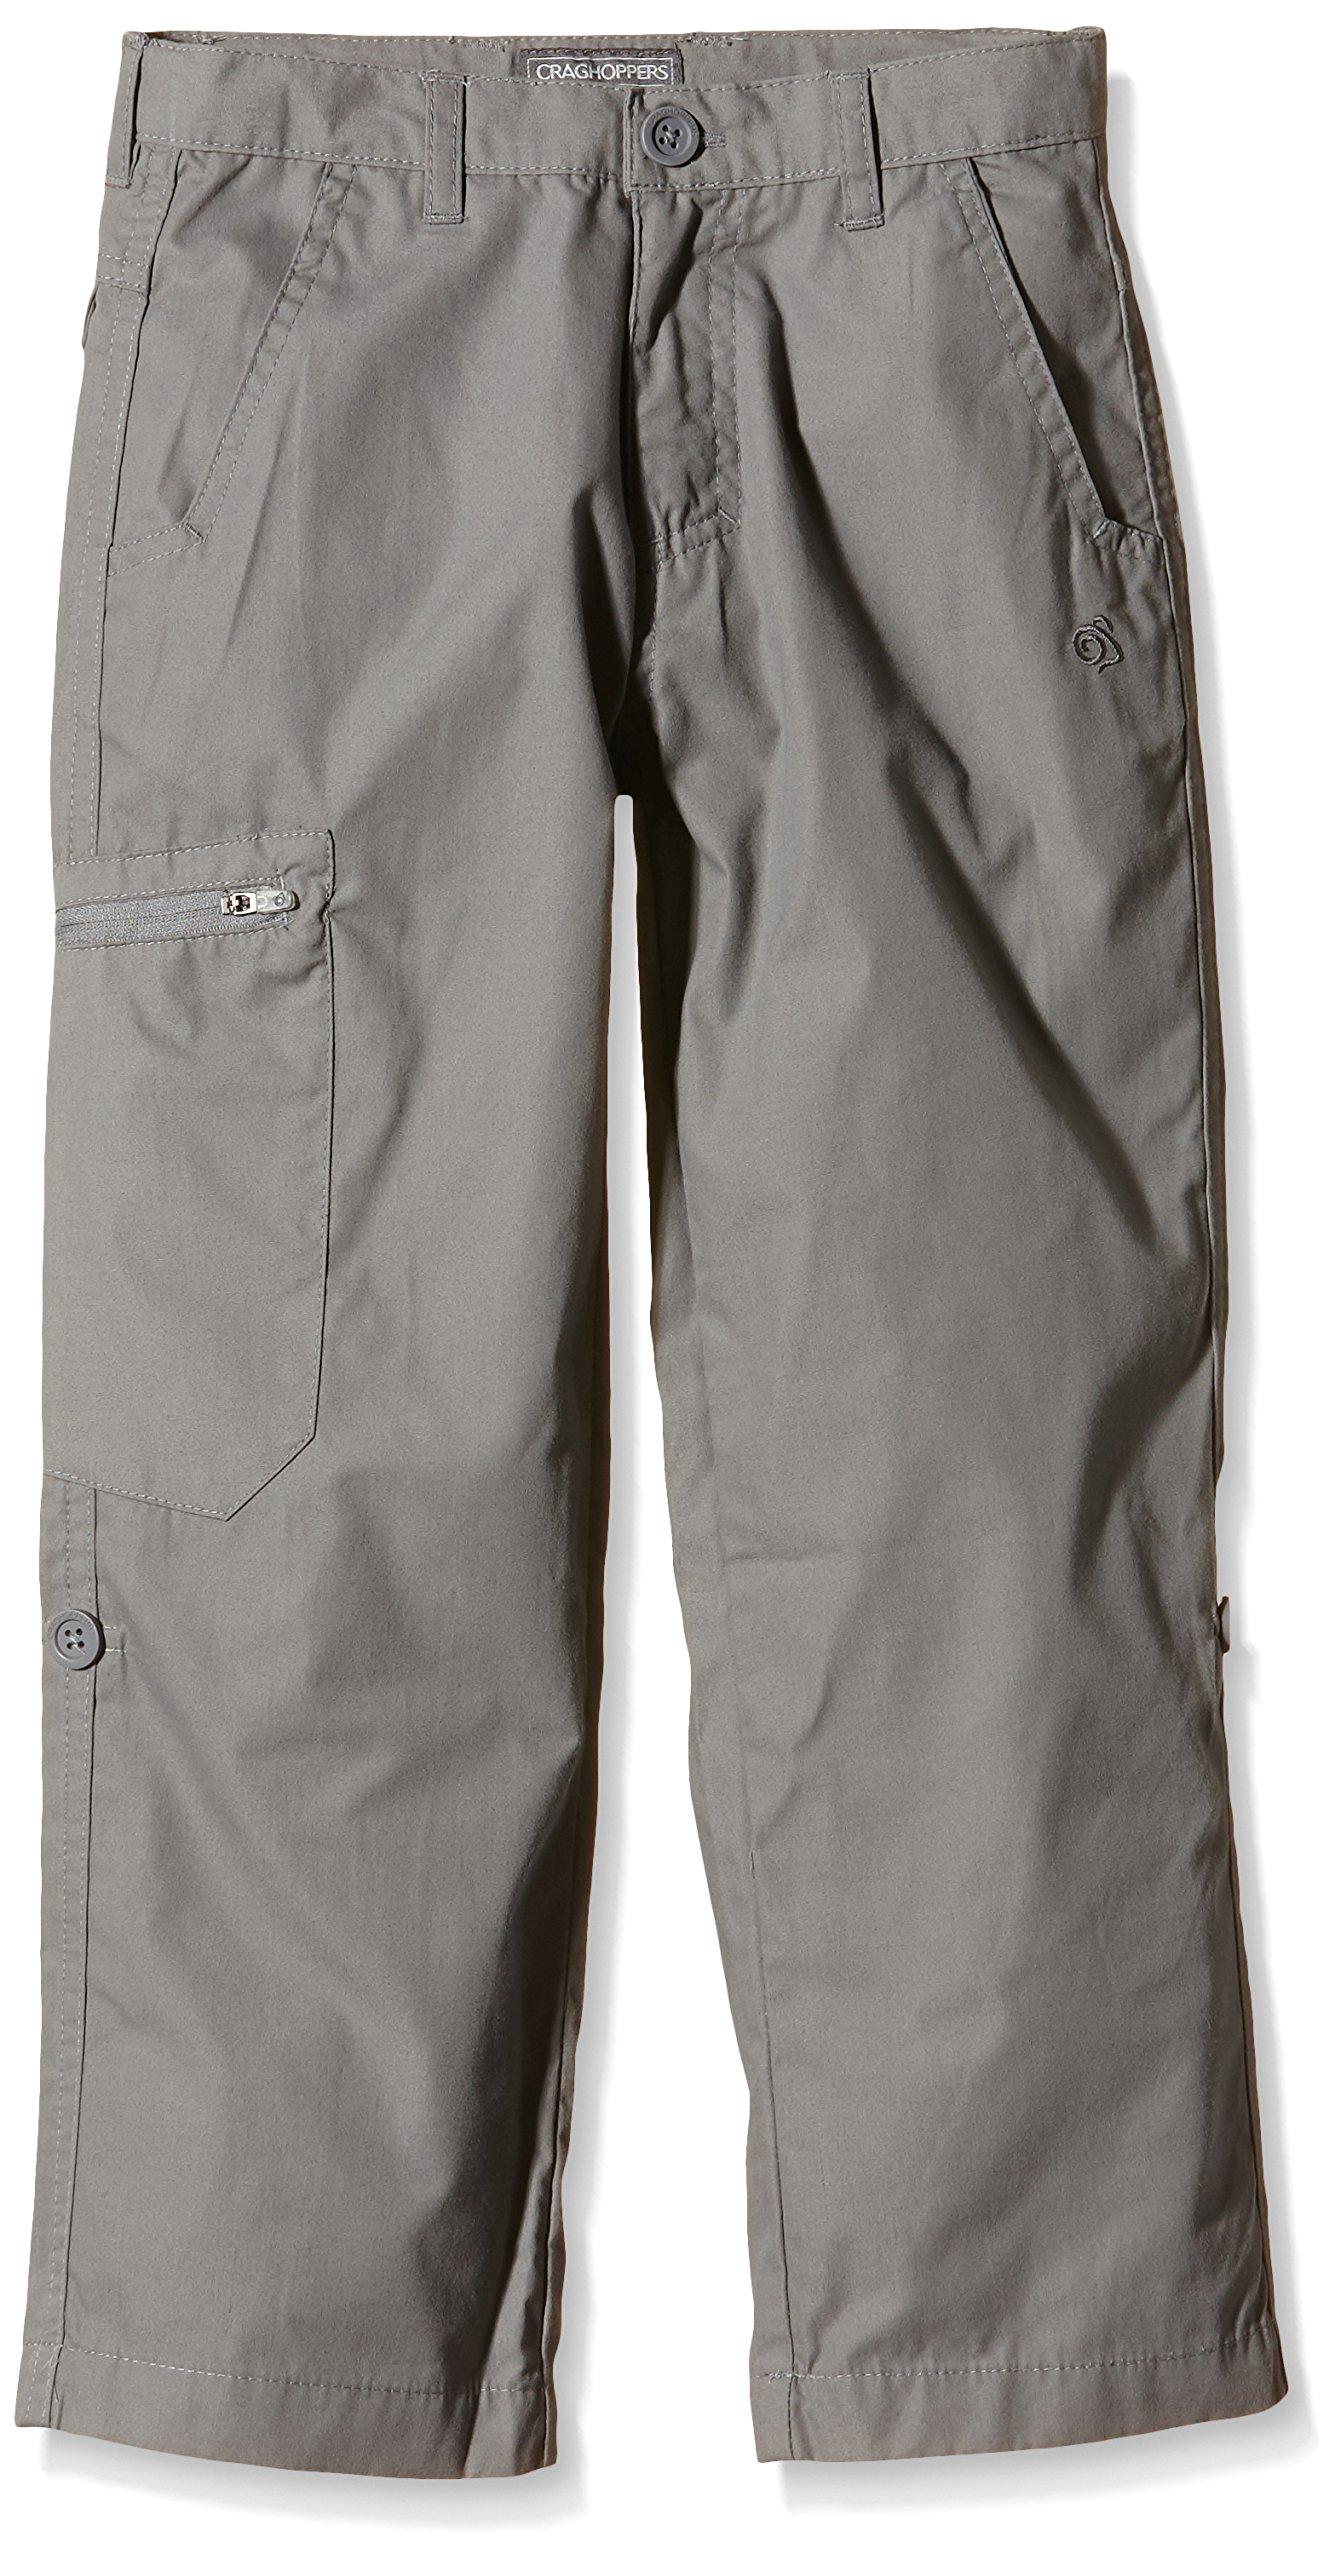 Craghoppers Kids Kiwi Trousers Pants, Platinum, Size 7-8